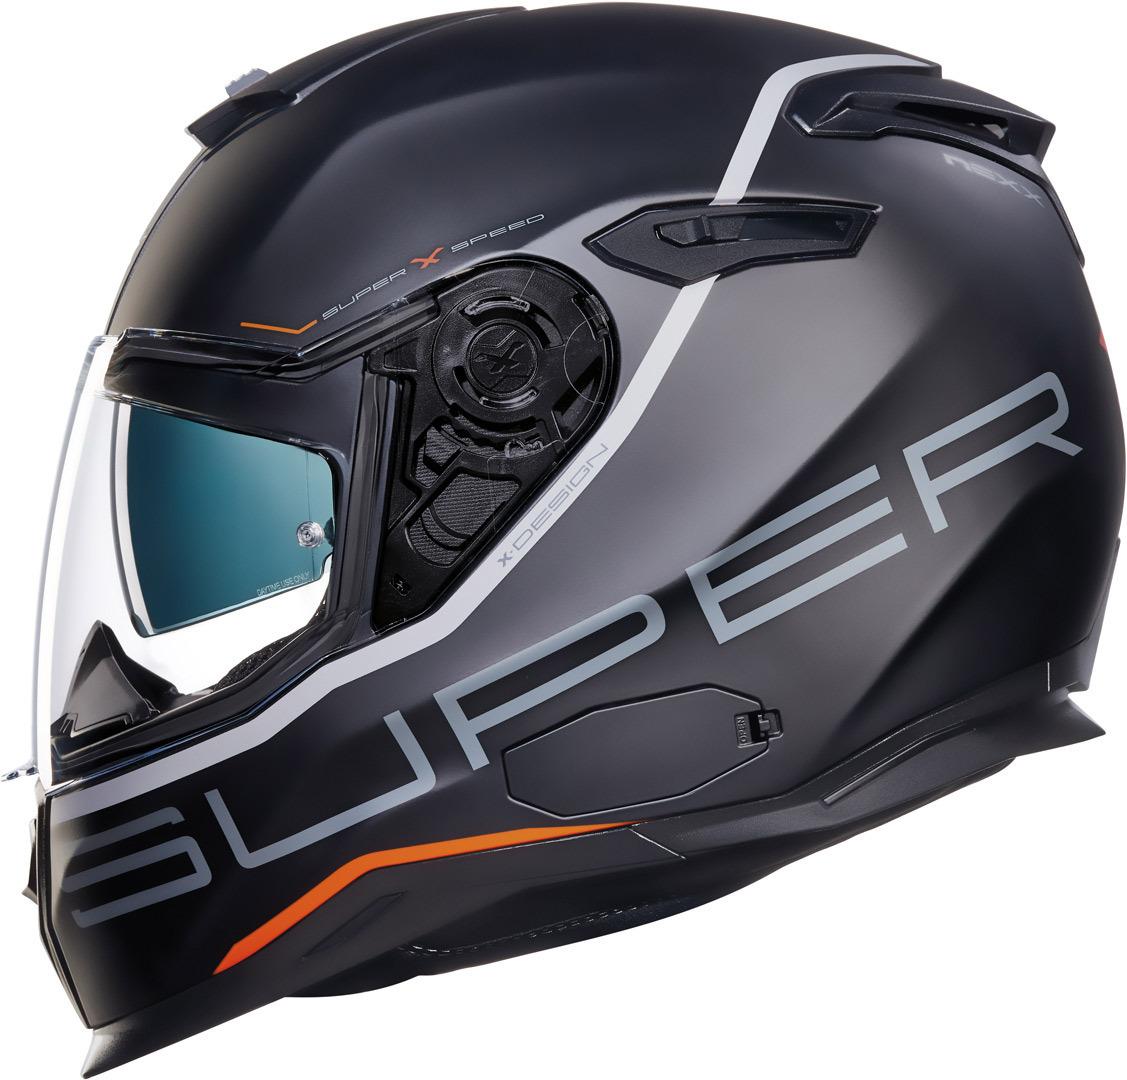 Nexx SX.100 Superspeed Helm, schwarz, Größe S, schwarz, Größe S